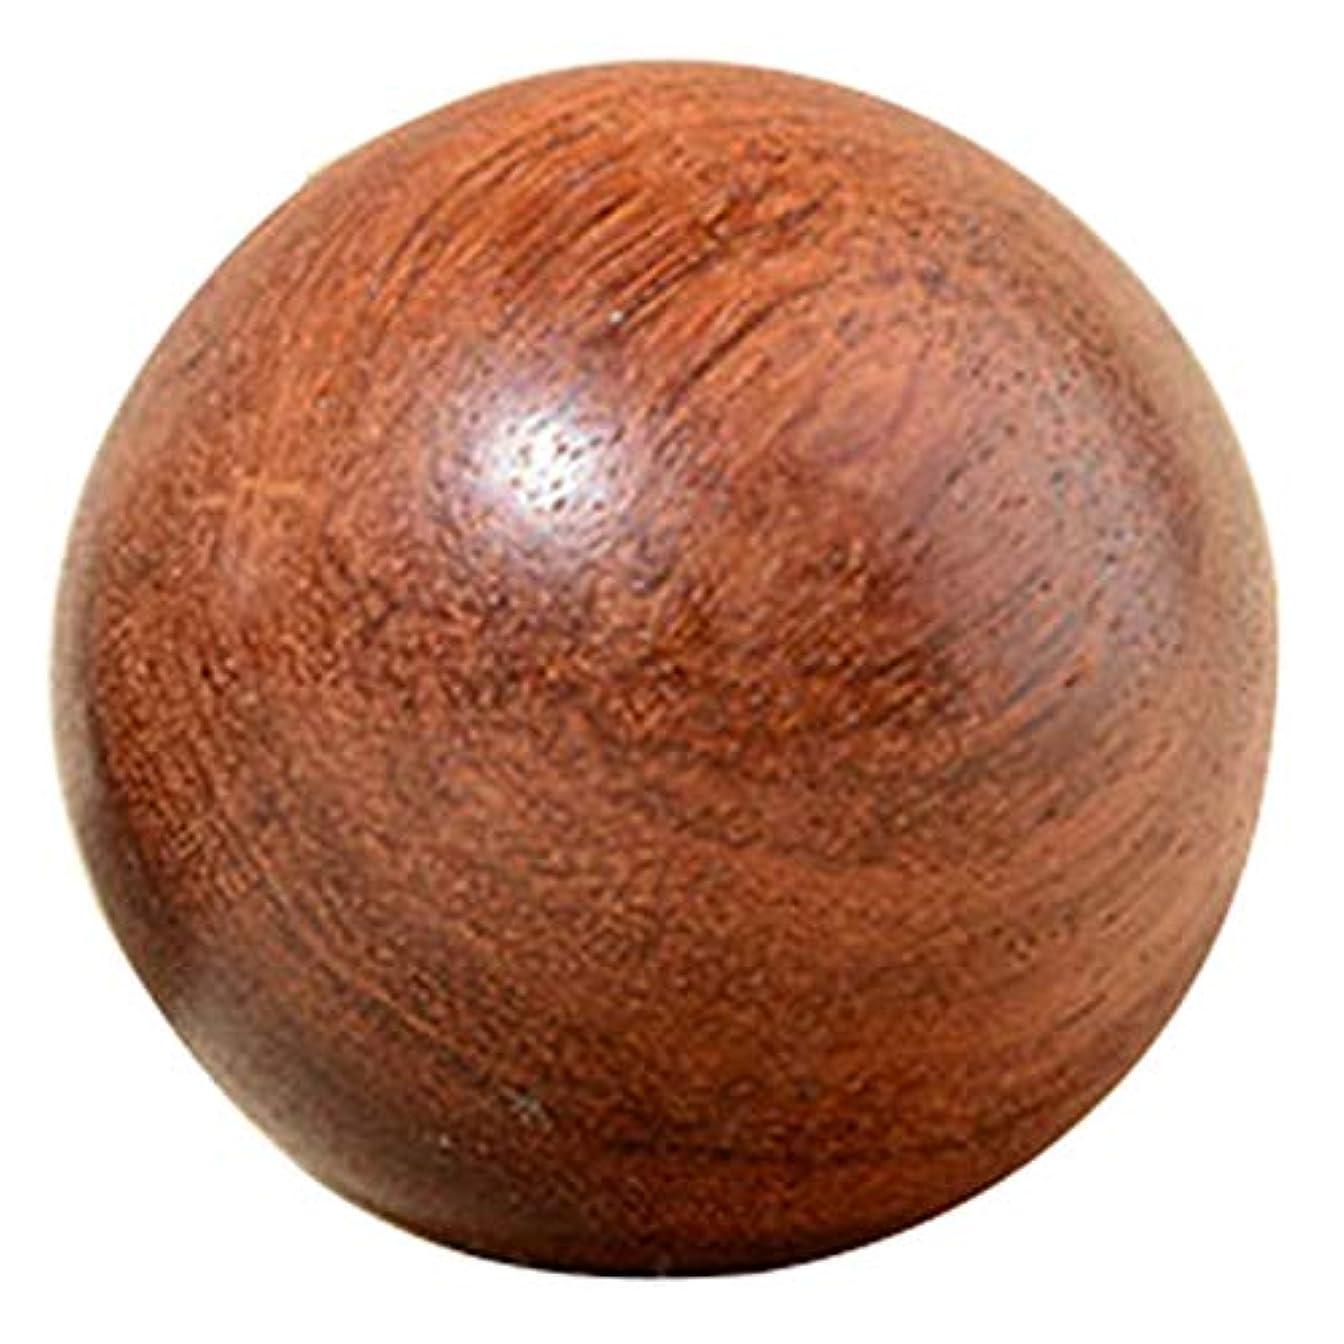 窒素黒板契約するACAMPTAR 5Cm 木製圧力Baodingボール、健康運動用ハンドボール、指のマッサージ、中国健康瞑想リラクゼーション療法